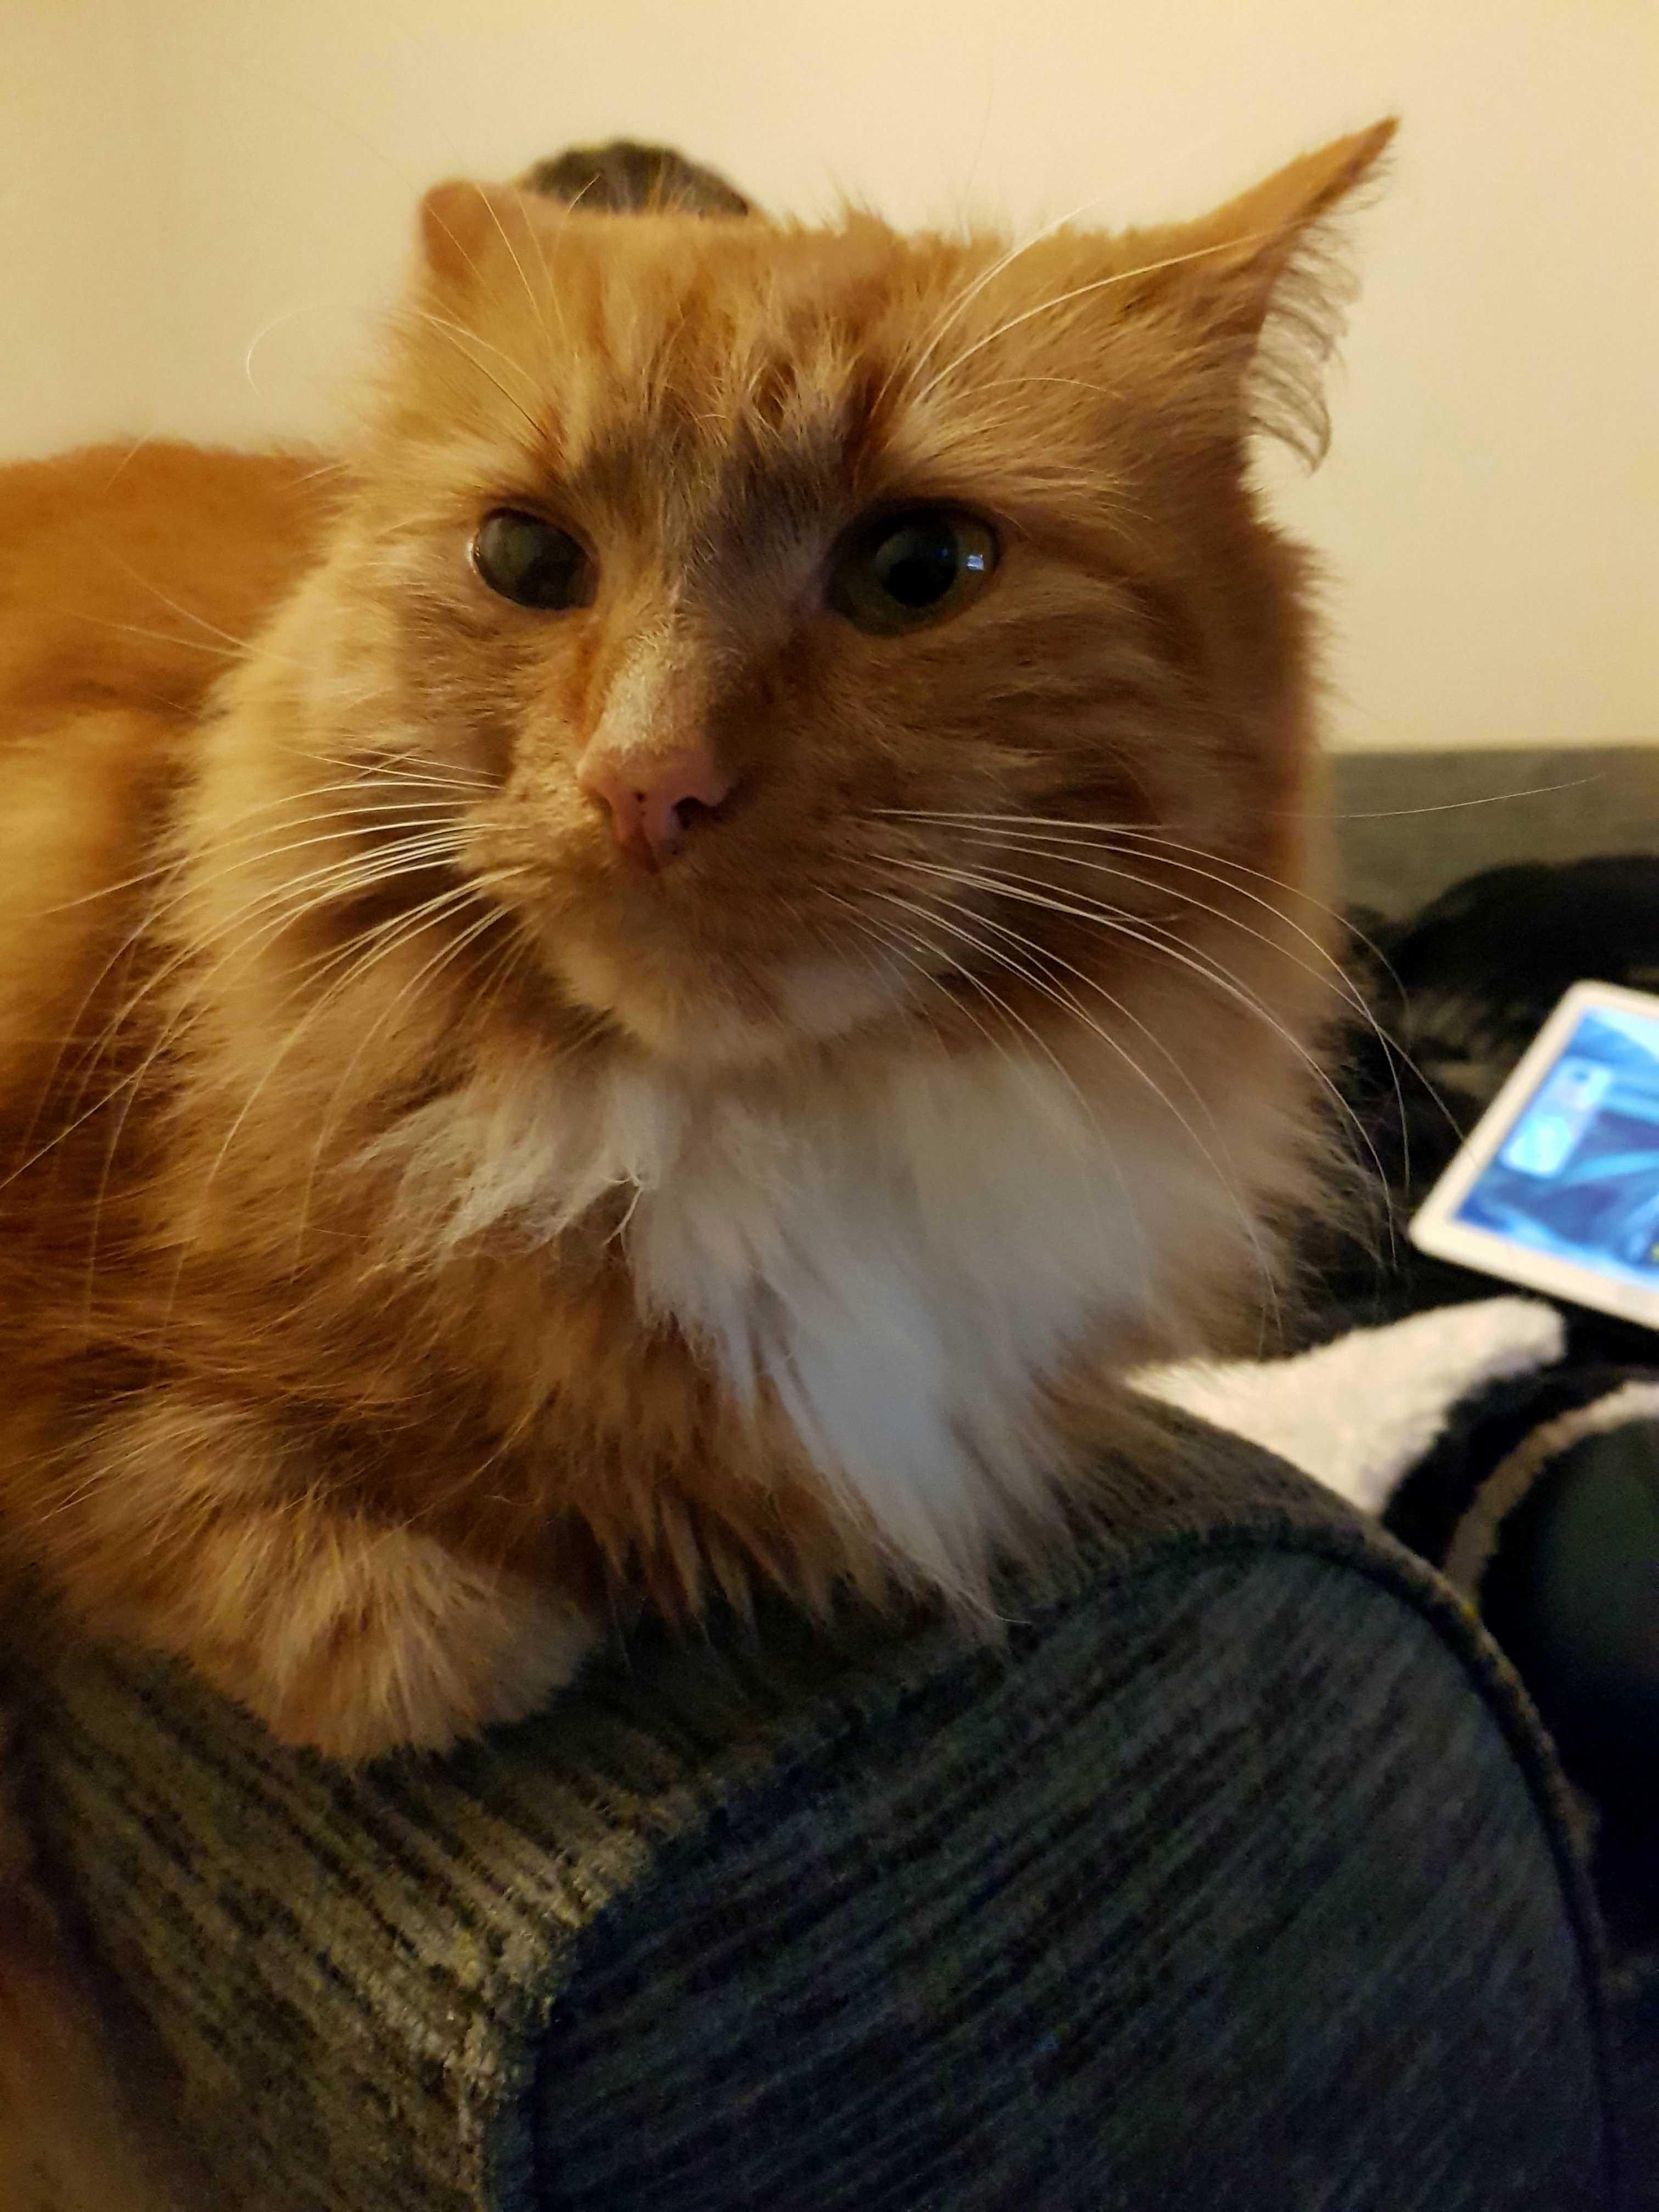 Faaaatttttt cat